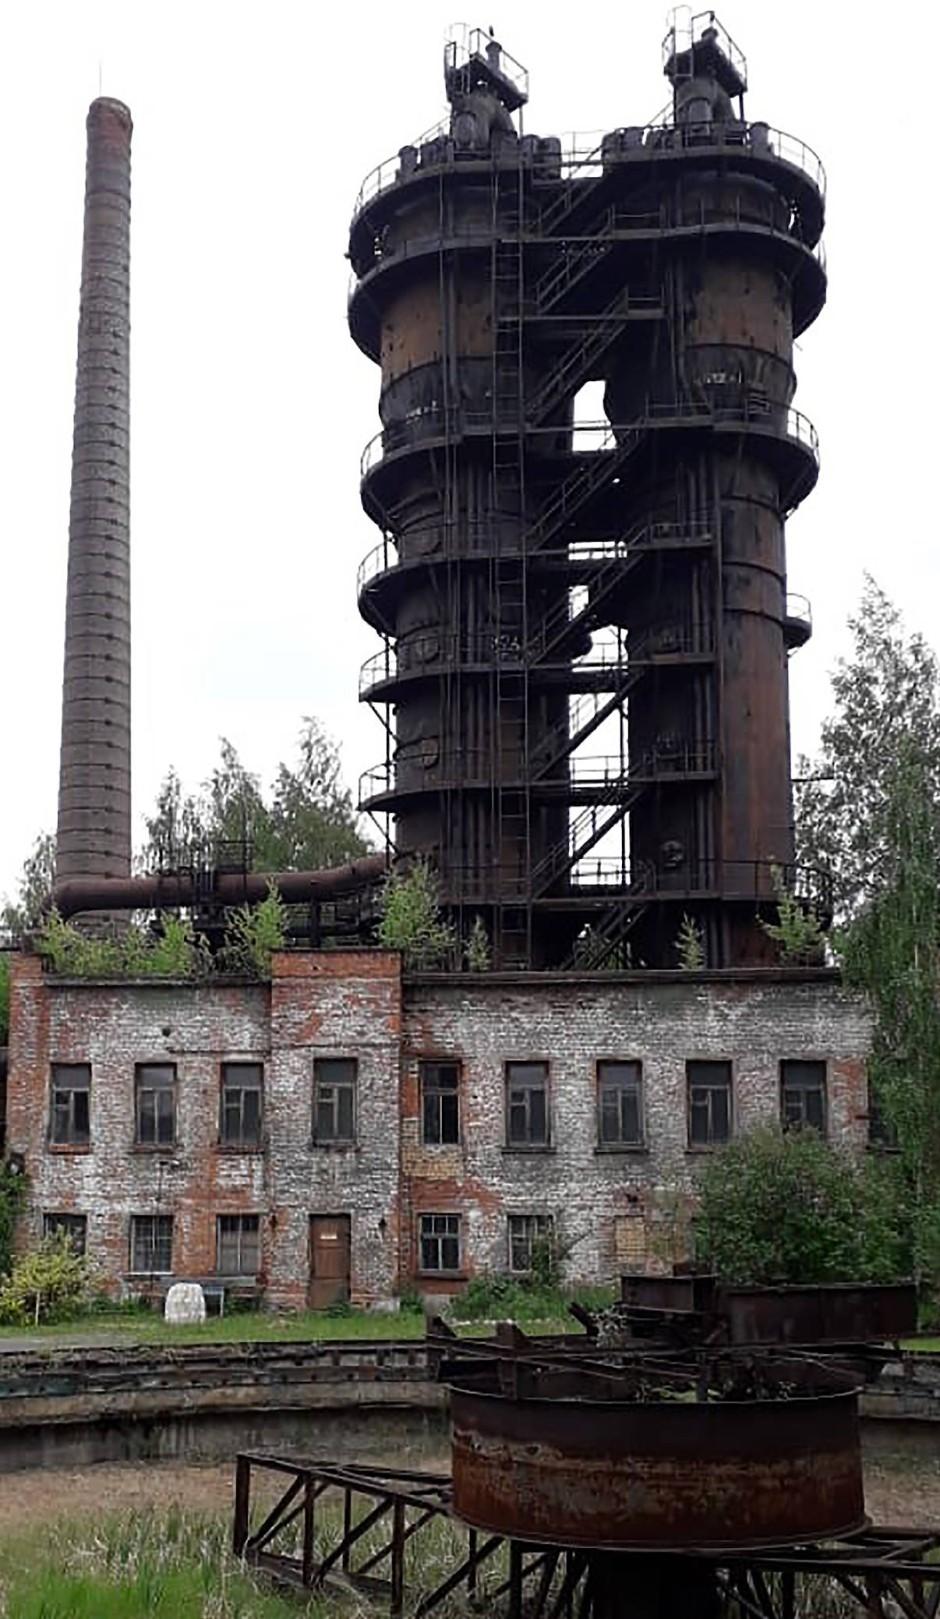 Die Nibelungenschmiede von Nischni Tagil: Das historische Eisenwerk des Demidow-Klans